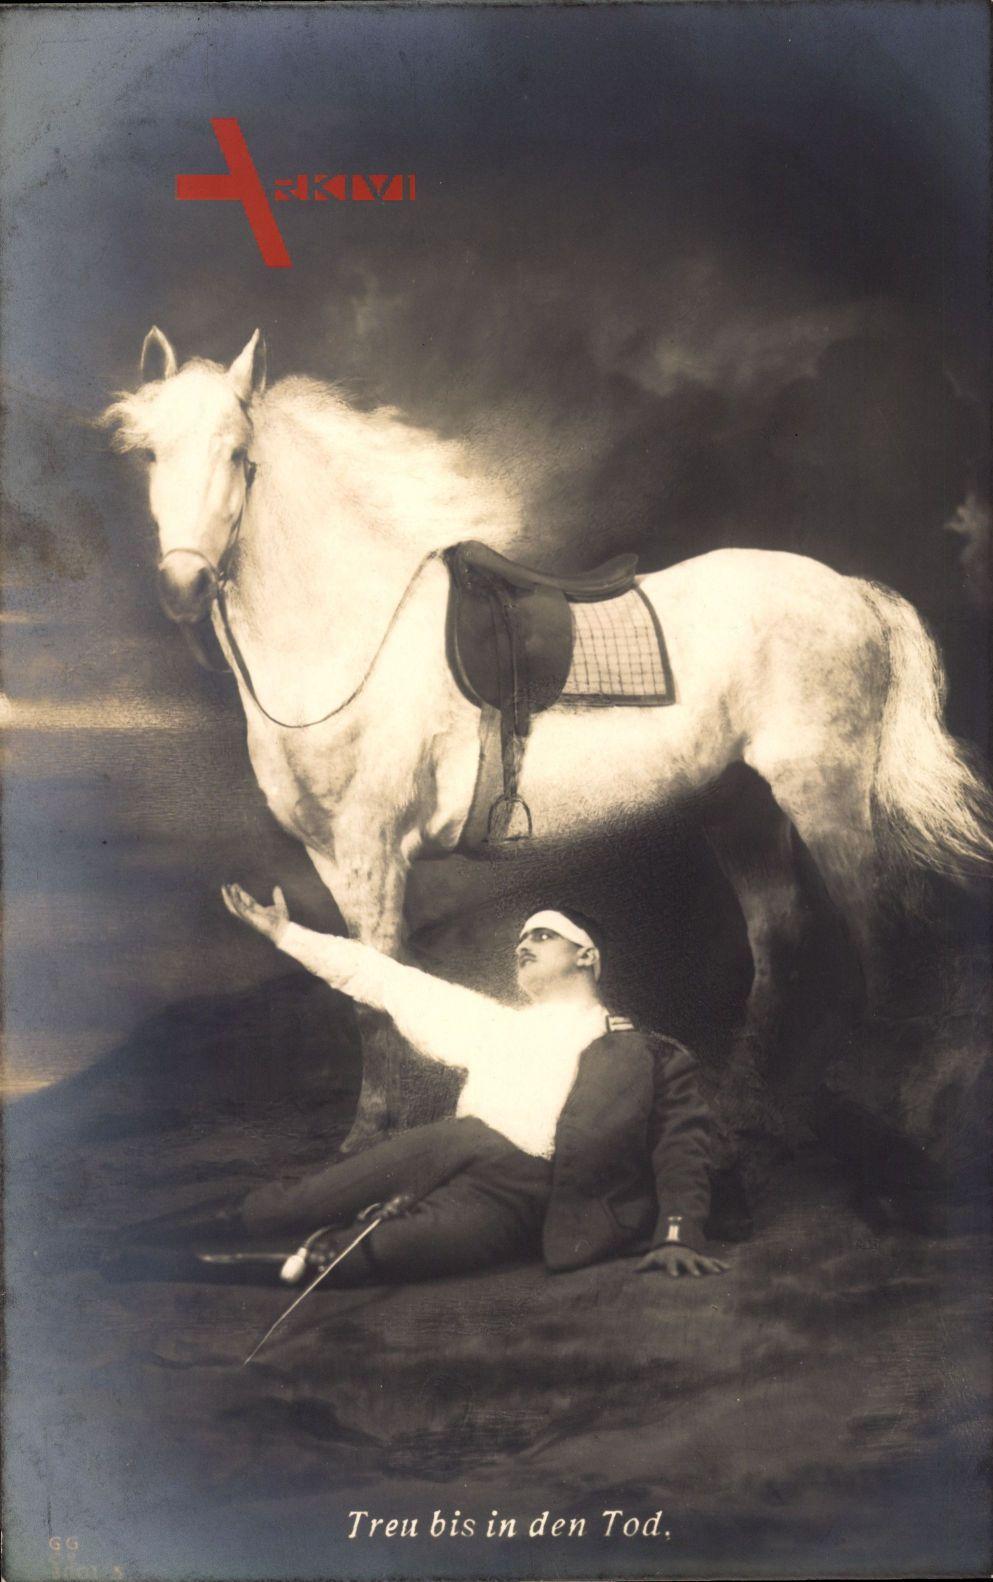 Treu bis in den Tod, Verwundeter deutscher Soldat, Weißes Pferd